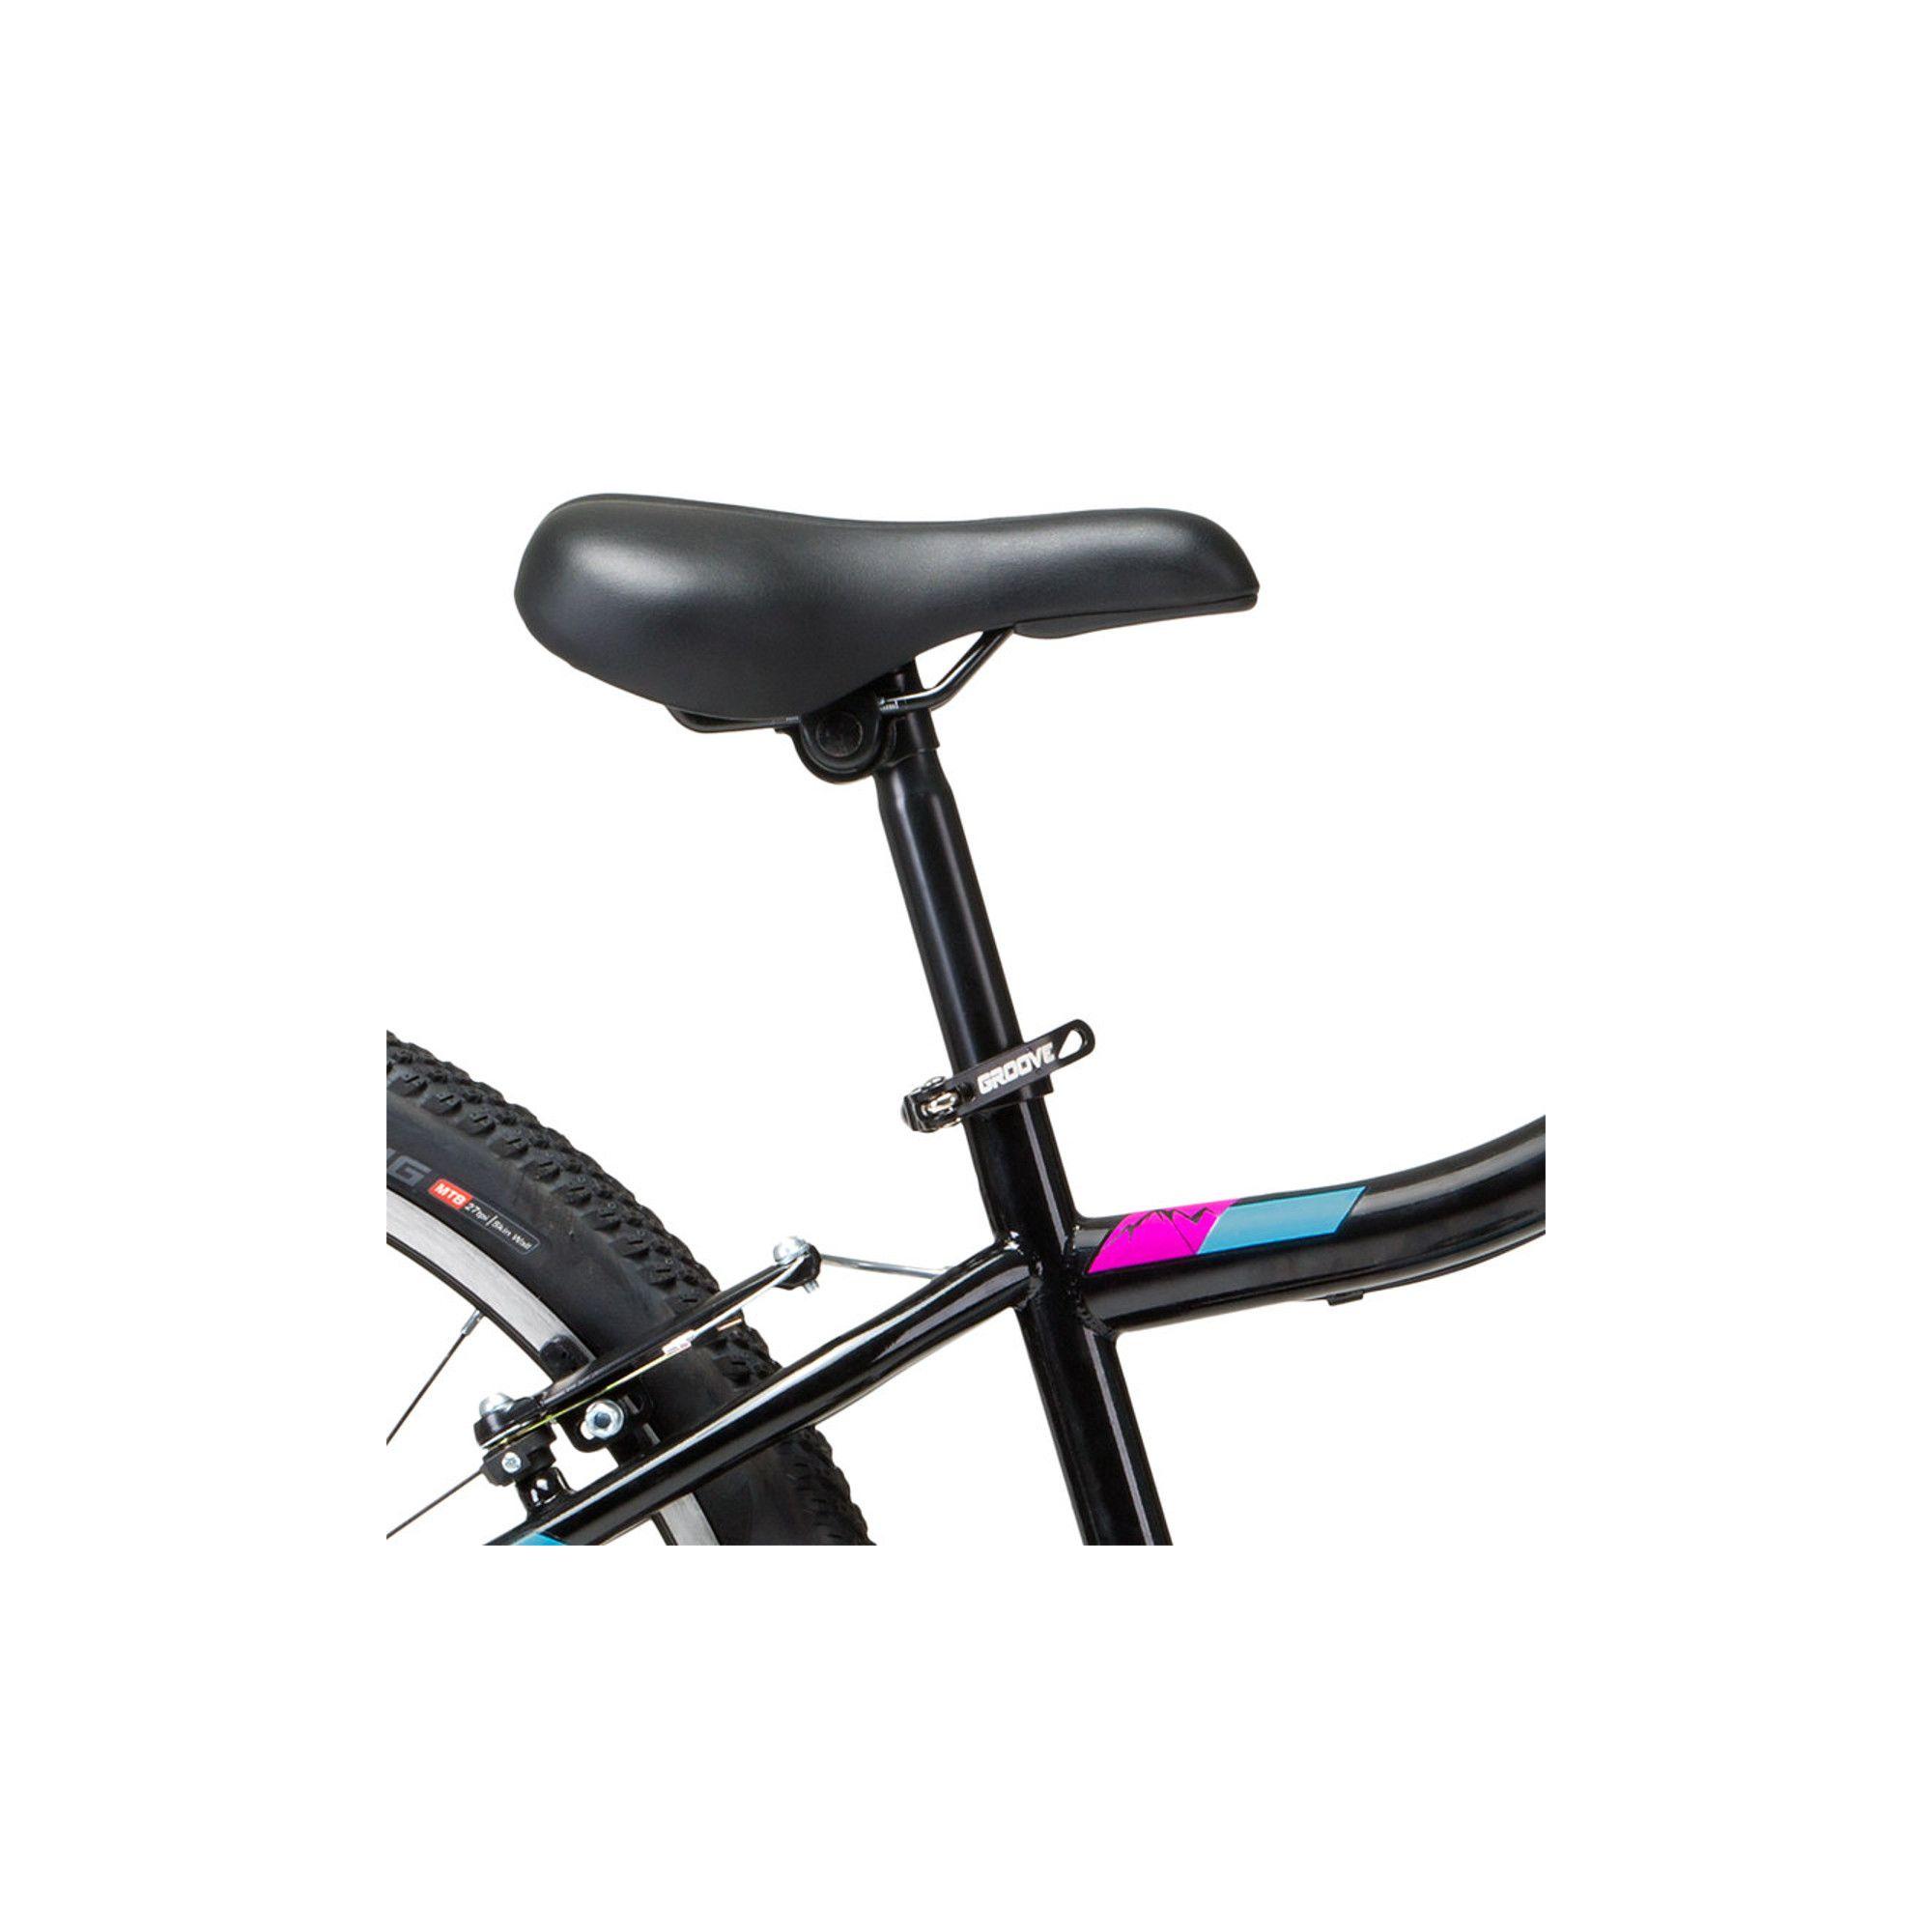 Bicicleta Infantil Groove Indie aro 24 2020